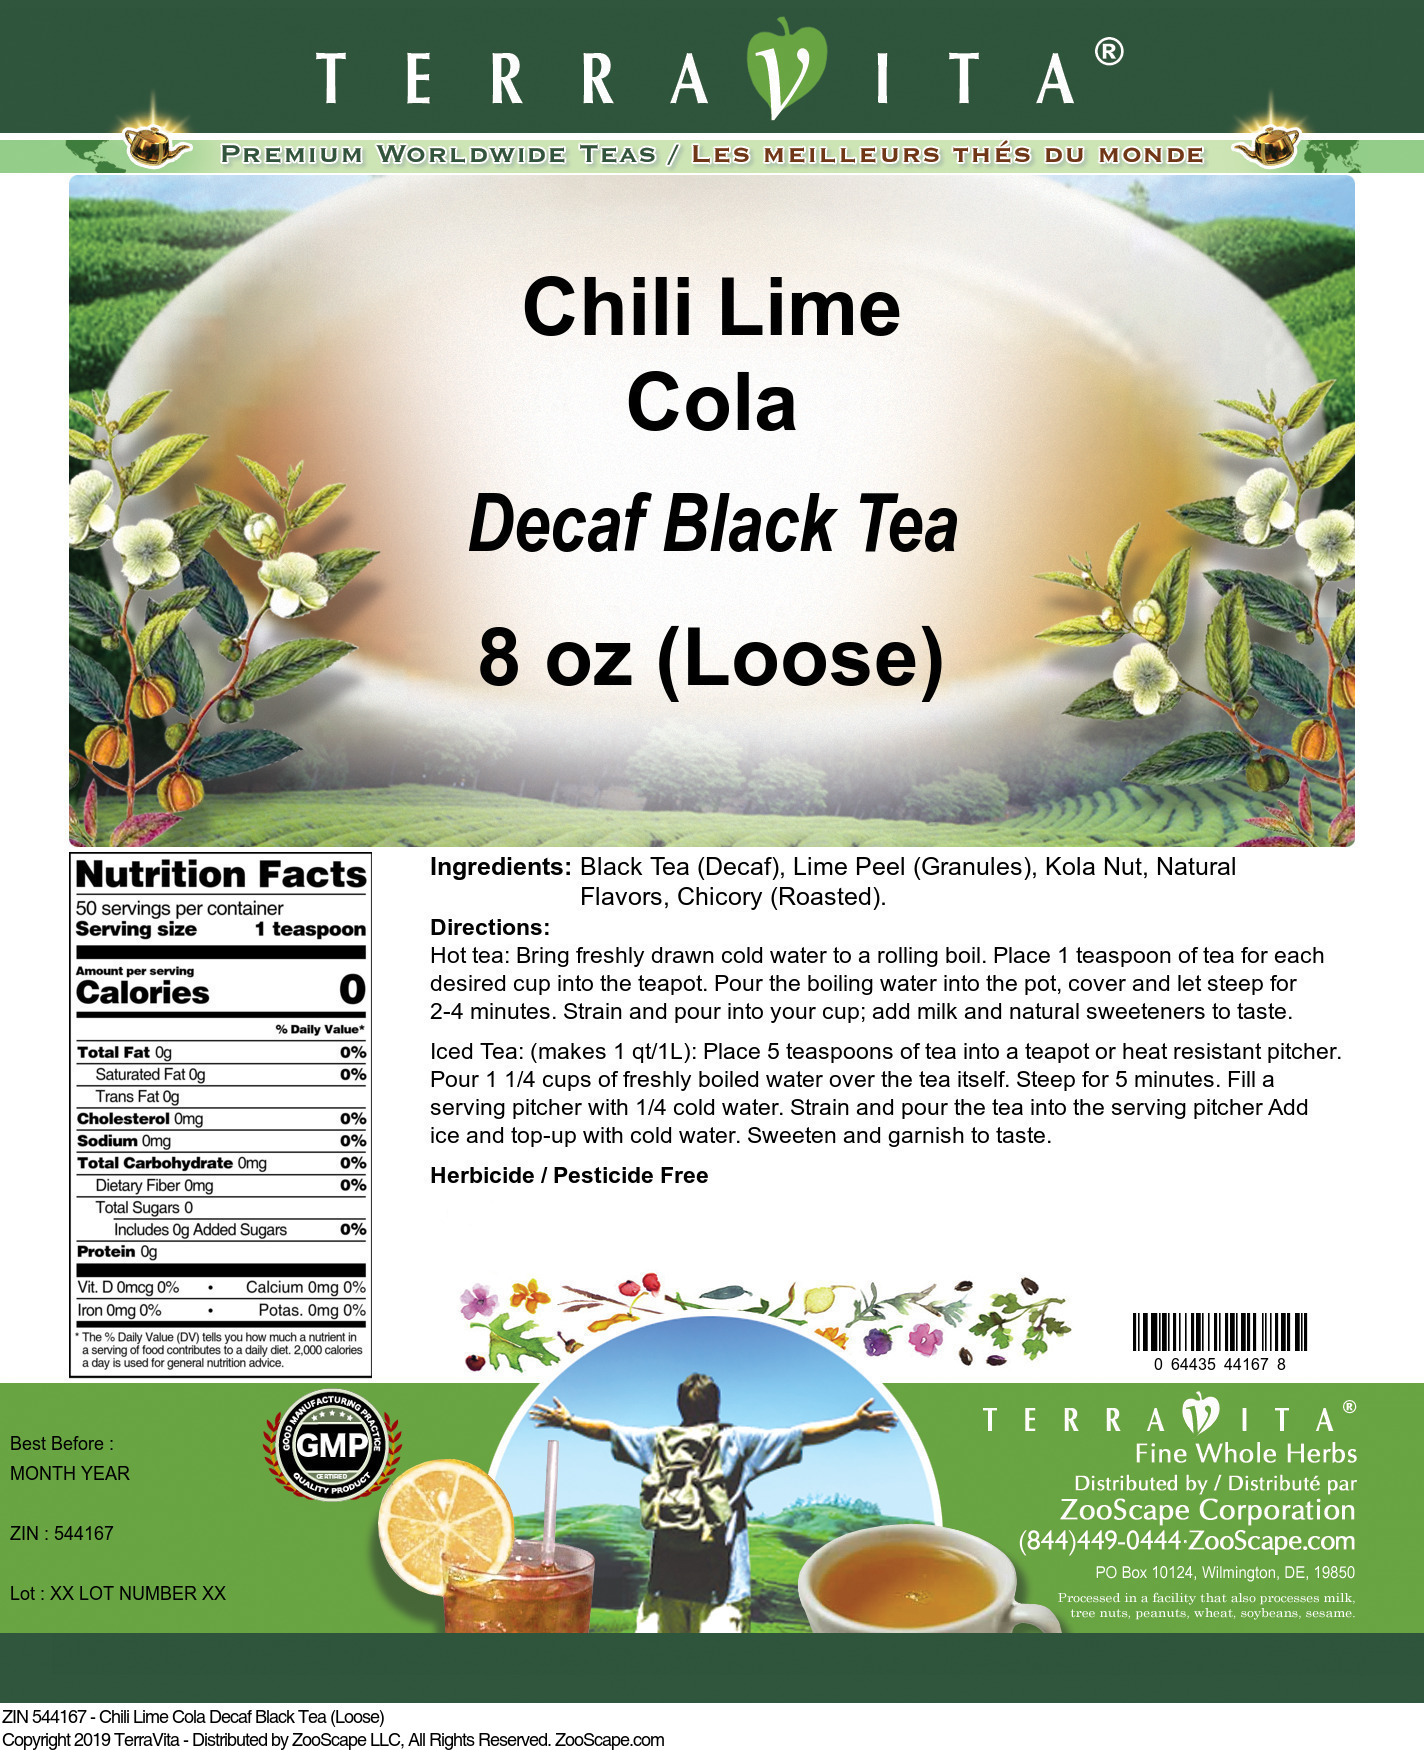 Chili Lime Cola Decaf Black Tea (Loose)